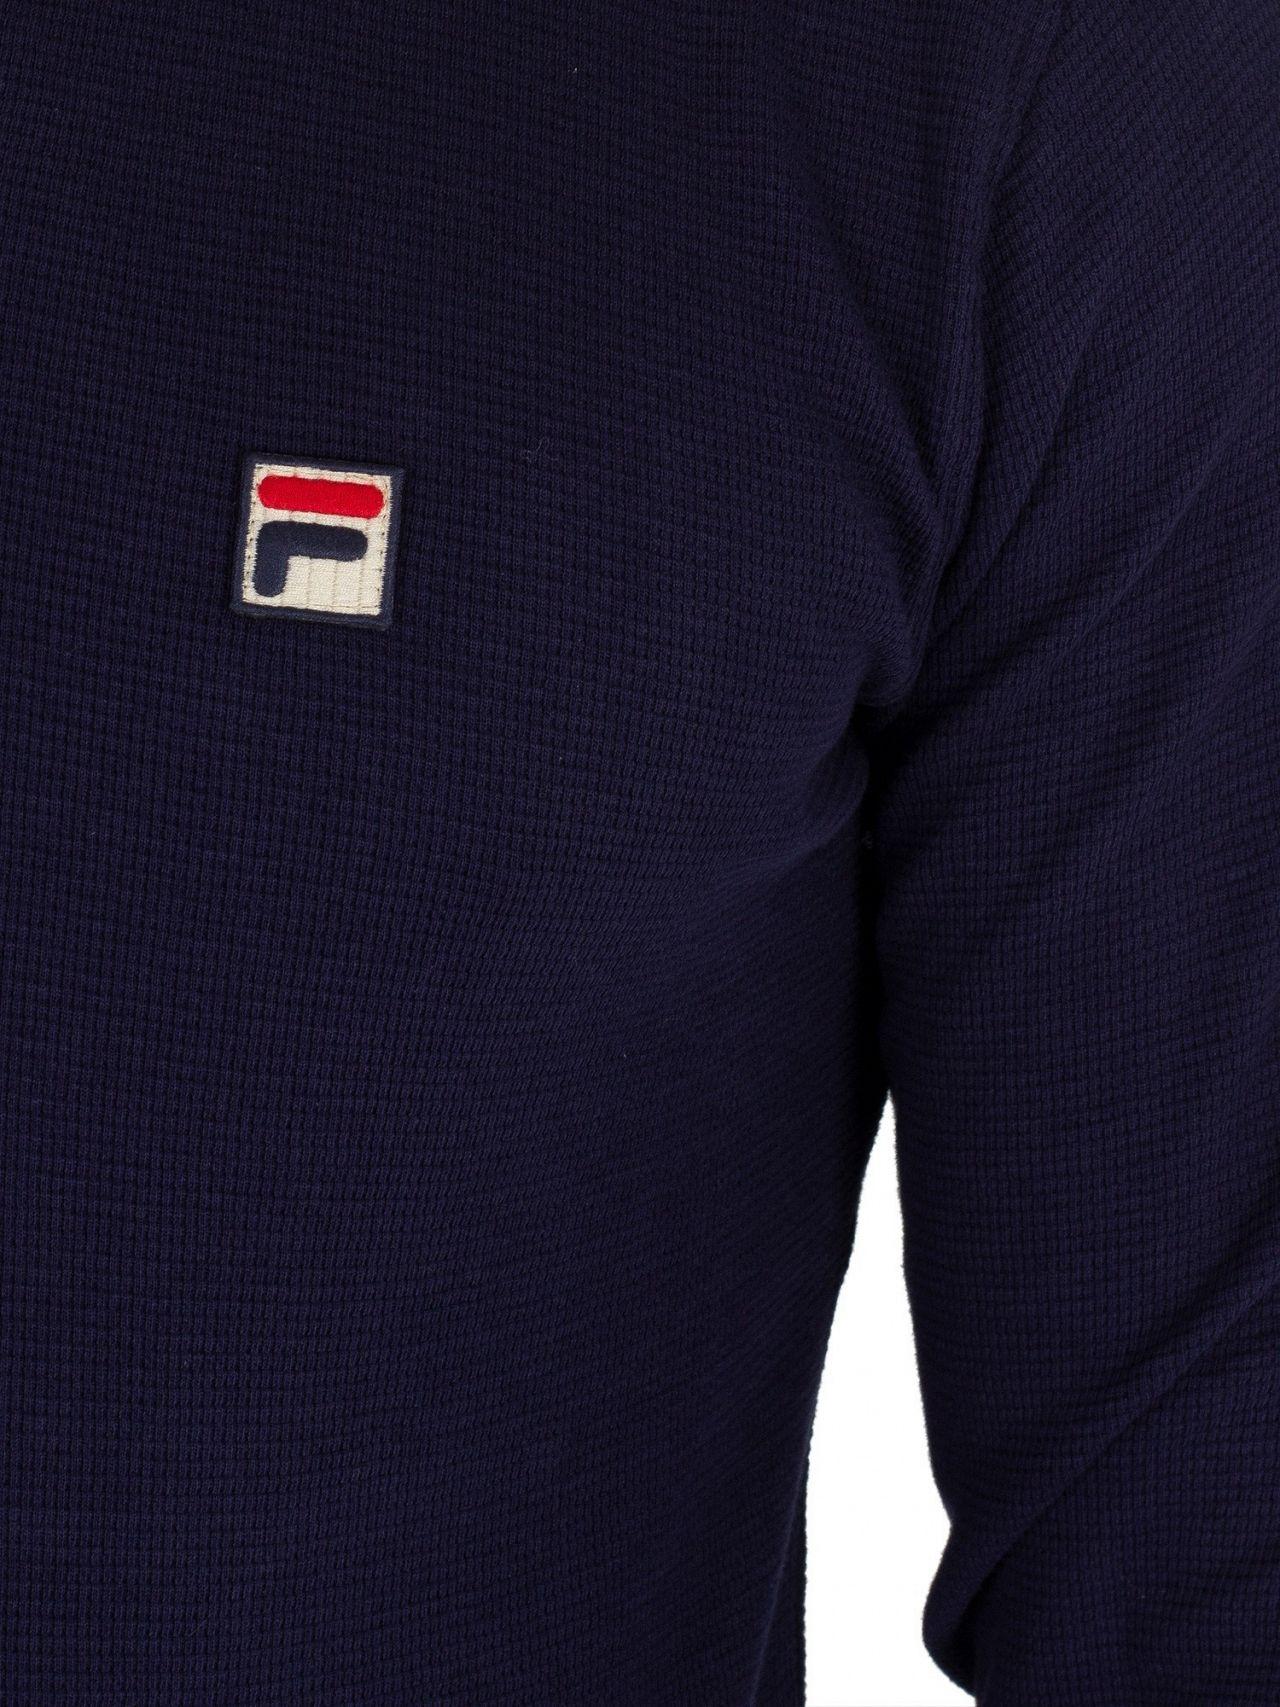 752e0773 Fila Peacoat Bertoni Essential Longsleeved Slim Poloshirt